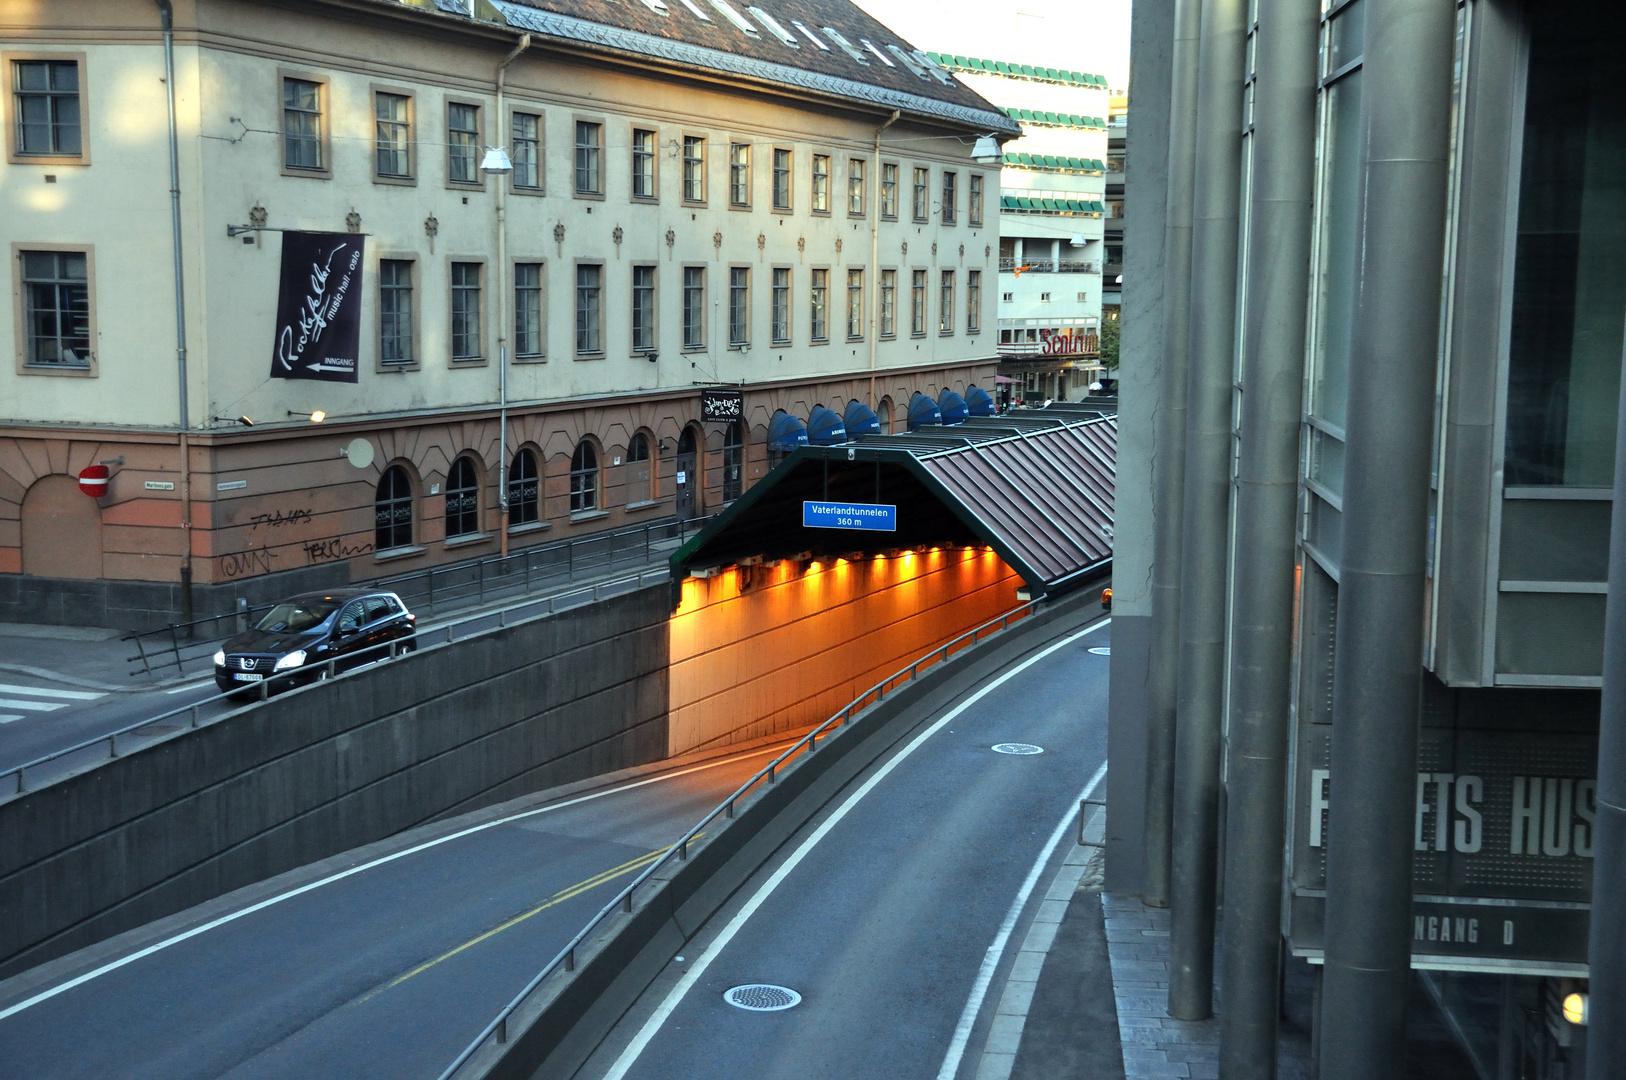 Vaterlandtunnel